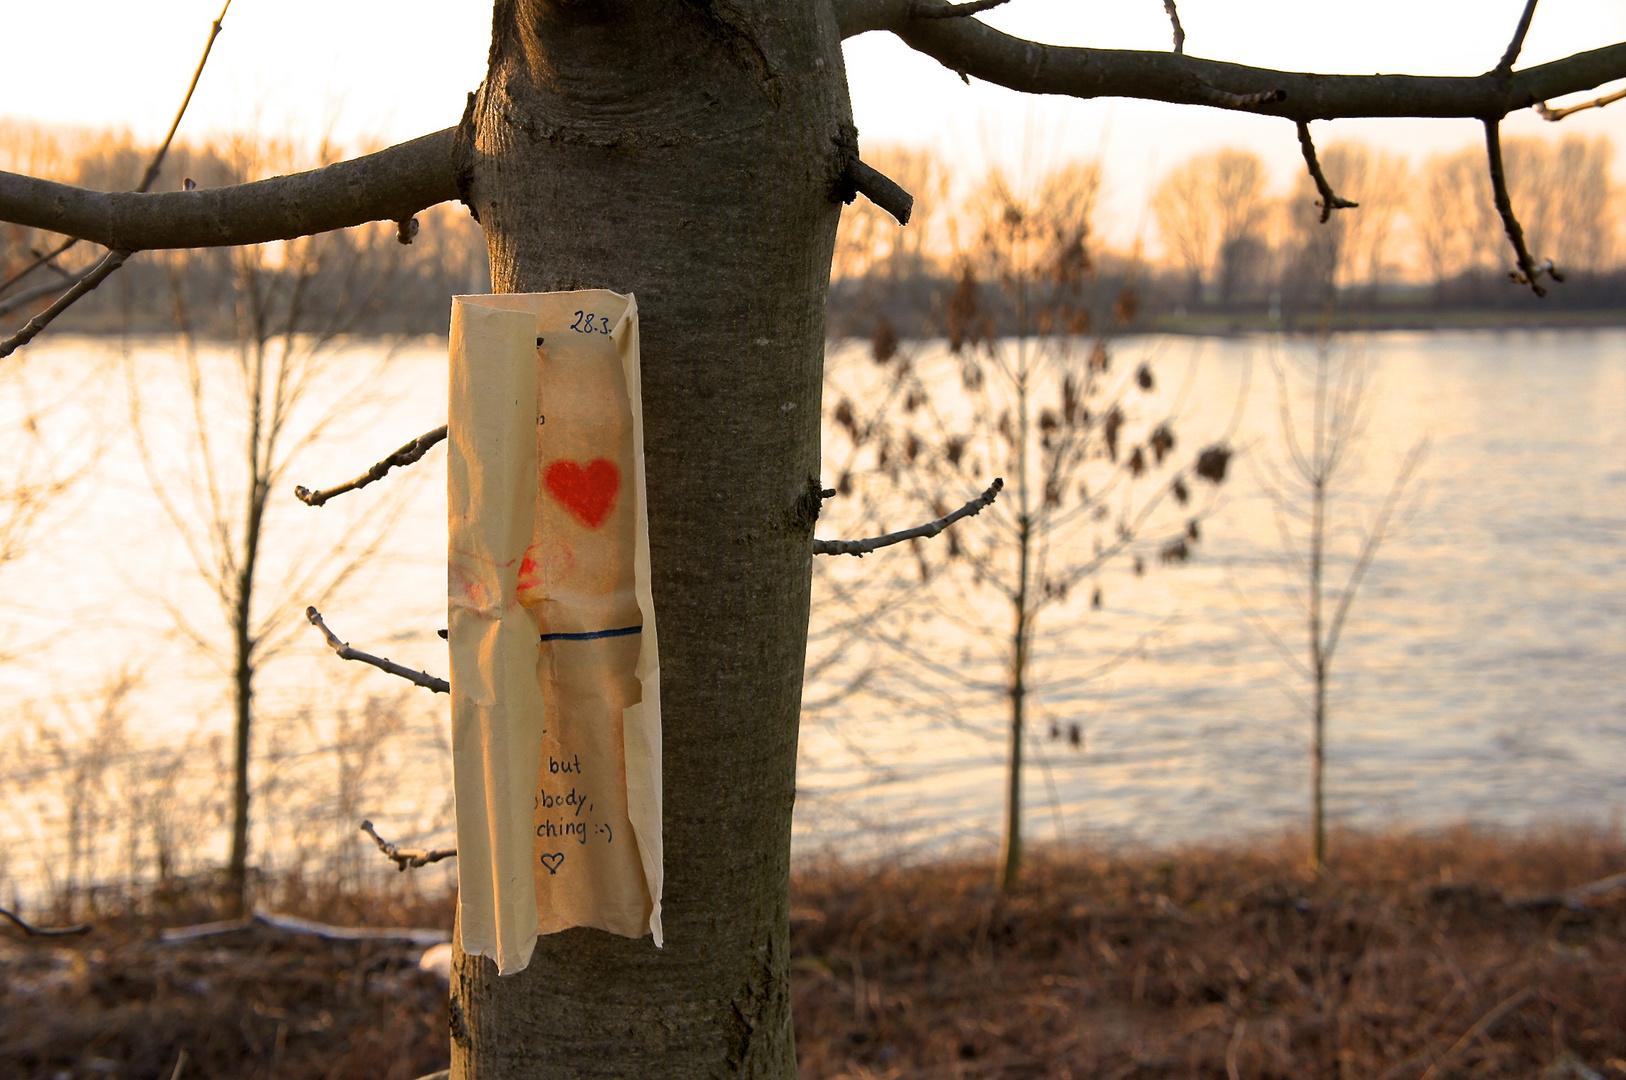 Mensaje de amor?